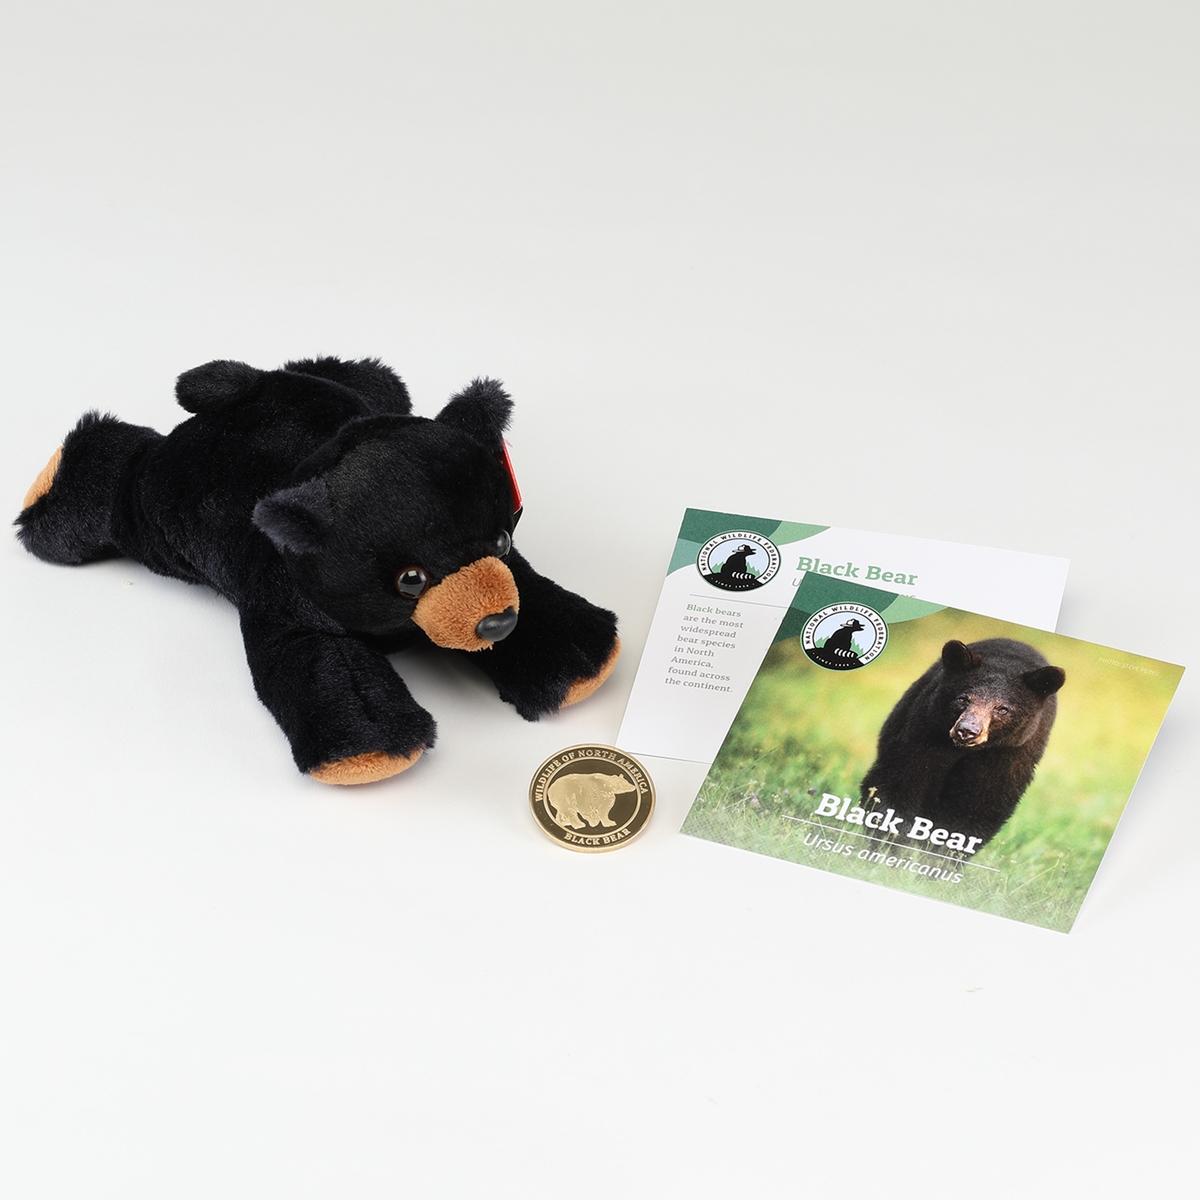 Black Bear Collector Coin